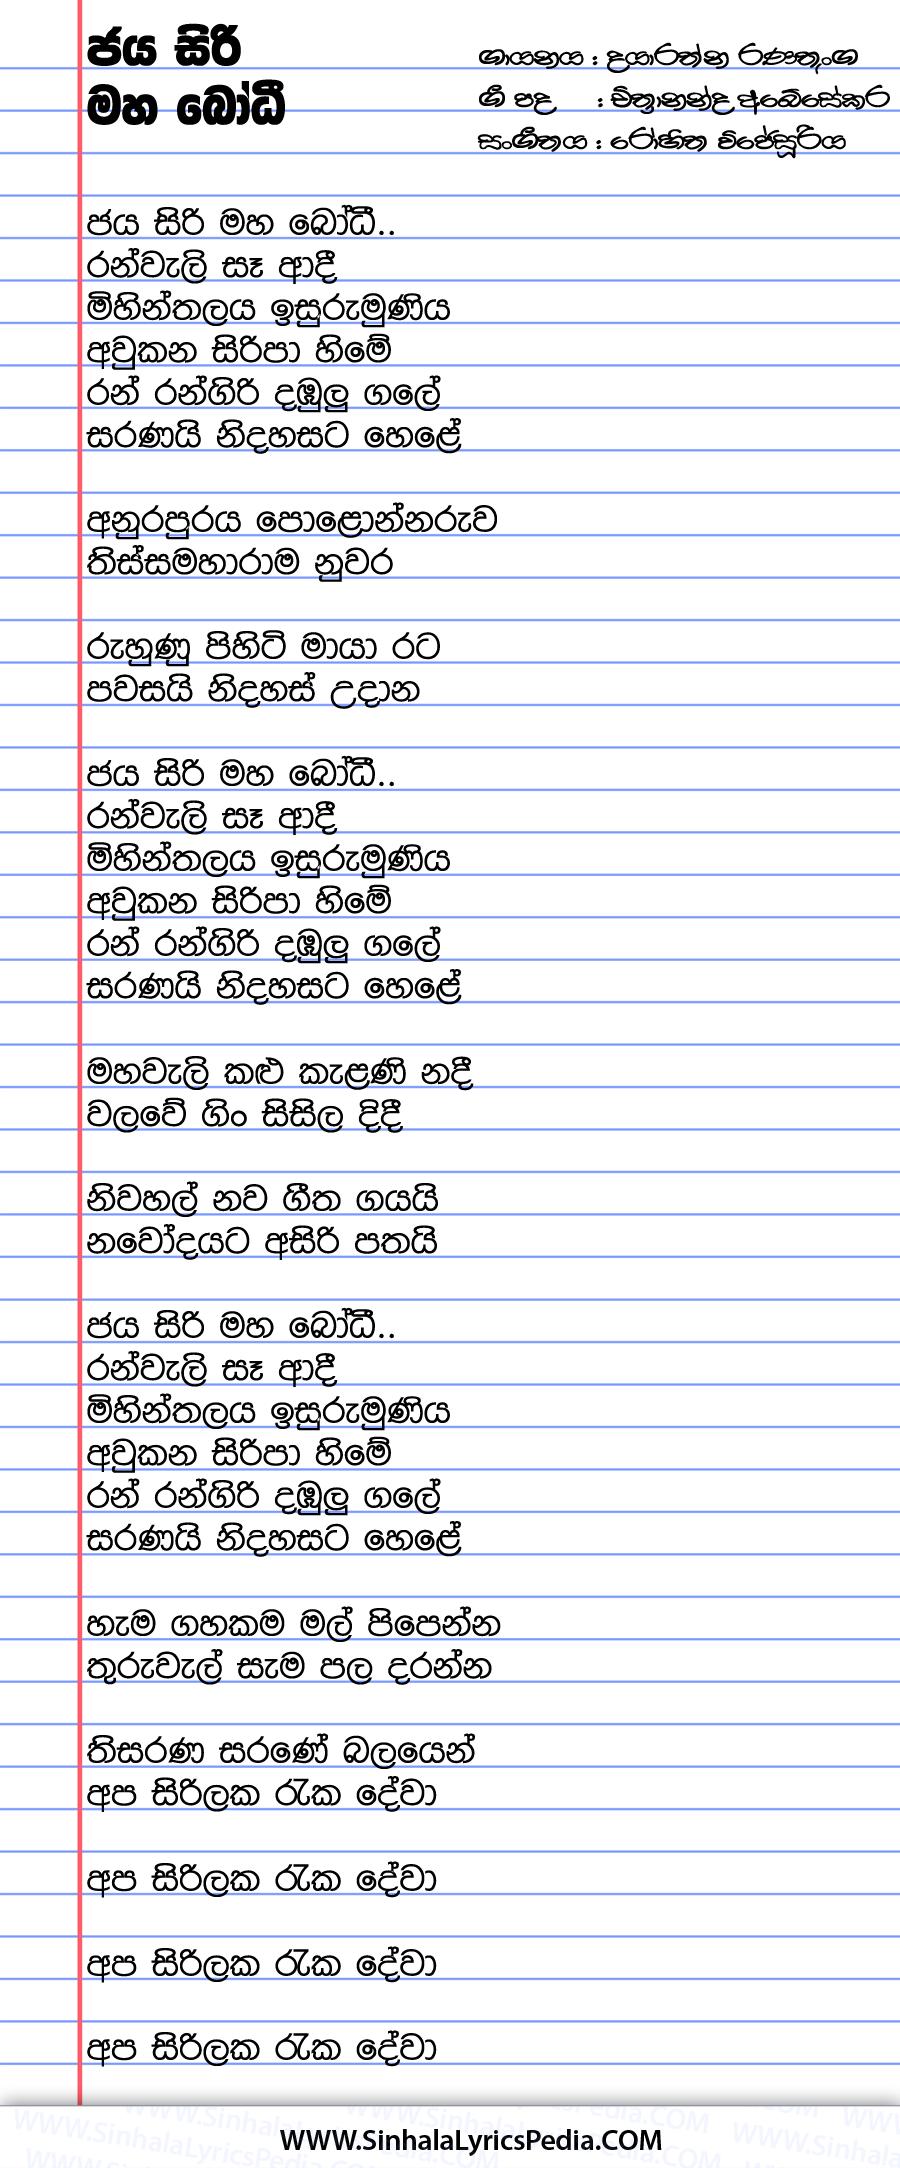 Jaya Sri Maha Bodhi Song Lyrics